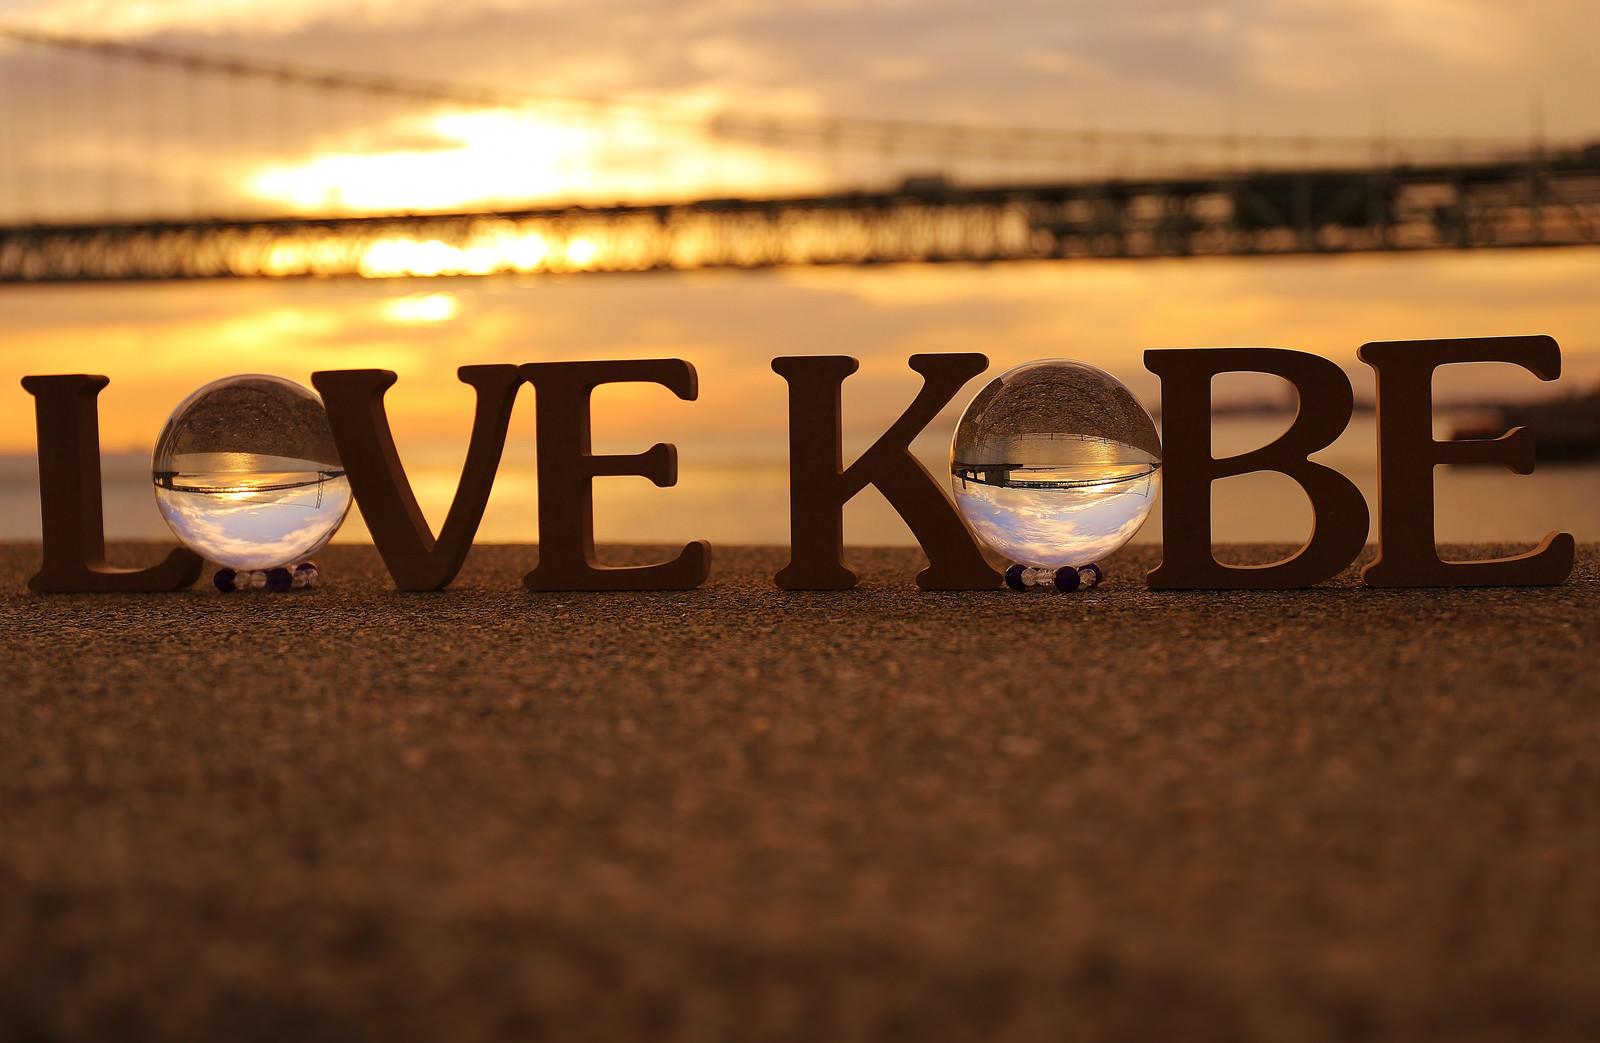 「LOVE KOBE (ガラス玉)」の写真